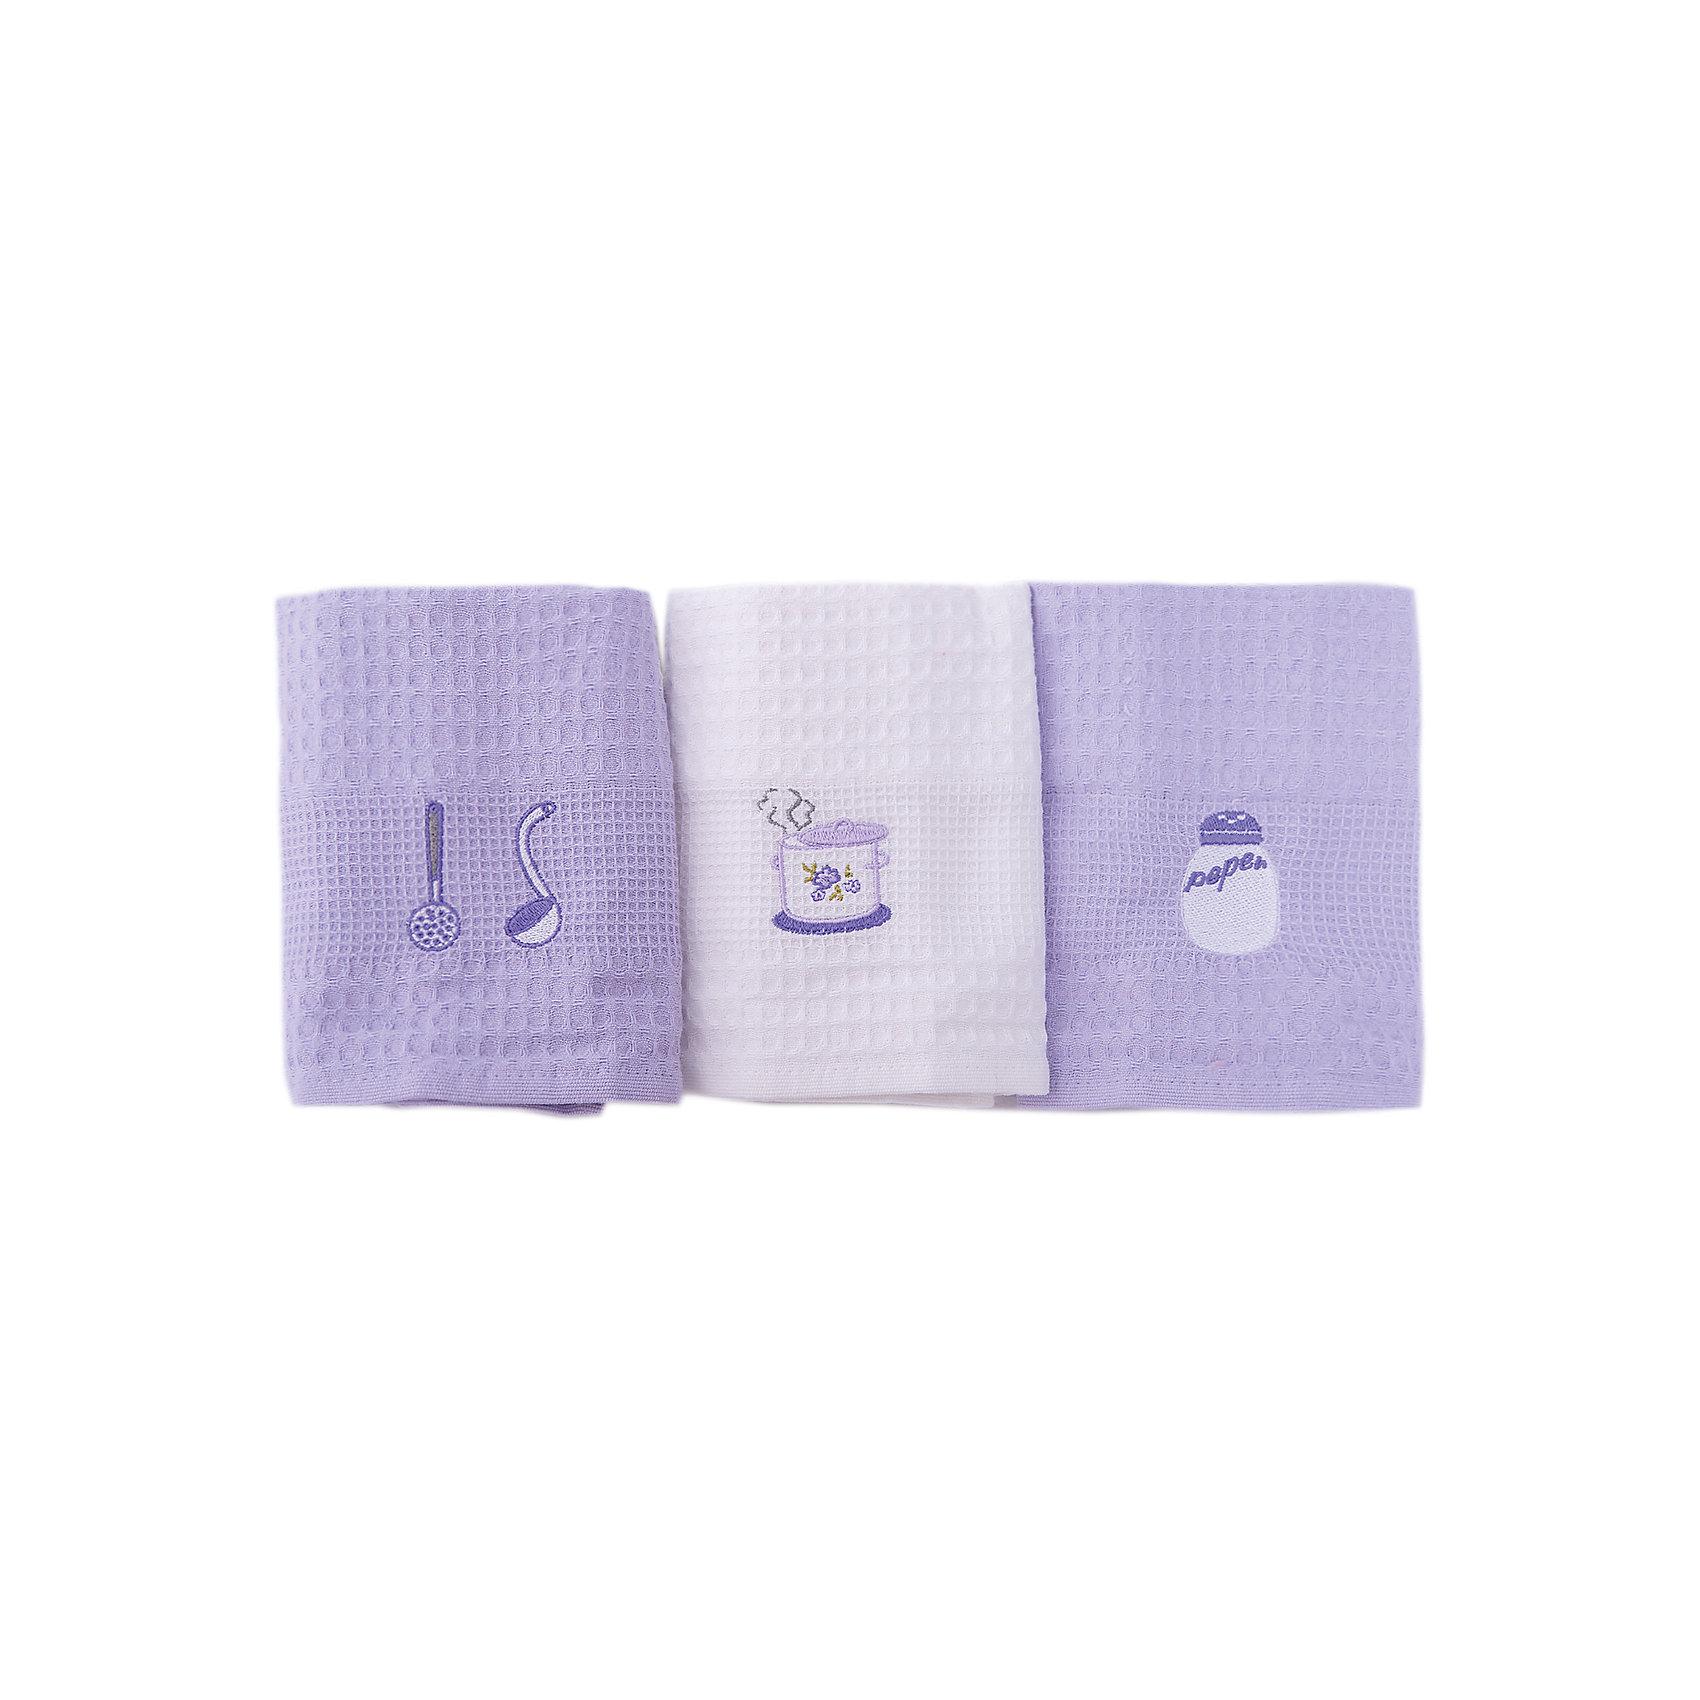 Набор кухонных полотенец 40*60, 3шт., TAC, кухняДомашний текстиль<br>Характеристики:<br><br>• Вид домашнего текстиля: кухонное полотенце<br>• Размеры полотенца: 40*60 см<br>• Рисунок: посуда<br>• Декор: вышивка<br>• Материал: хлопок, 100% <br>• Цвет: белый, сиреневый<br>• Плотность полотна: 350 гр/м2 <br>• Комплектация: 3 полотенца<br>• Вес: 300 г<br>• Размеры упаковки (Д*Ш*В): 21*5*19 см<br>• Подарочная упаковка<br>• Особенности ухода: машинная стирка <br><br>Набор кухонных полотенец 40*60, 3шт., TAC, кухня от наиболее популярного бренда на отечественном рынке среди производителей комплектов постельного белья и текстильных принадлежностей, выпуском которого занимается производственная компания, являющаяся частью мирового холдинга Zorlu Holding Textiles Group. <br><br>Полотенца выполнены из натурального хлопка, что обеспечивает высокие впитывающие и износоустойчивые качества. Благодаря высокой степени плотности махры, изделия отлично впитывают влагу, легко отстирываются от пятен и не требуют глажки. В наборе одно полотенце белое, два – сиреневые, декорированы вышивкой.<br><br>Набор кухонных полотенец 40*60, 3шт., TAC, кухня можно купить в нашем интернет-магазине.<br><br>Ширина мм: 200<br>Глубина мм: 50<br>Высота мм: 180<br>Вес г: 600<br>Возраст от месяцев: 216<br>Возраст до месяцев: 1188<br>Пол: Унисекс<br>Возраст: Детский<br>SKU: 5476375